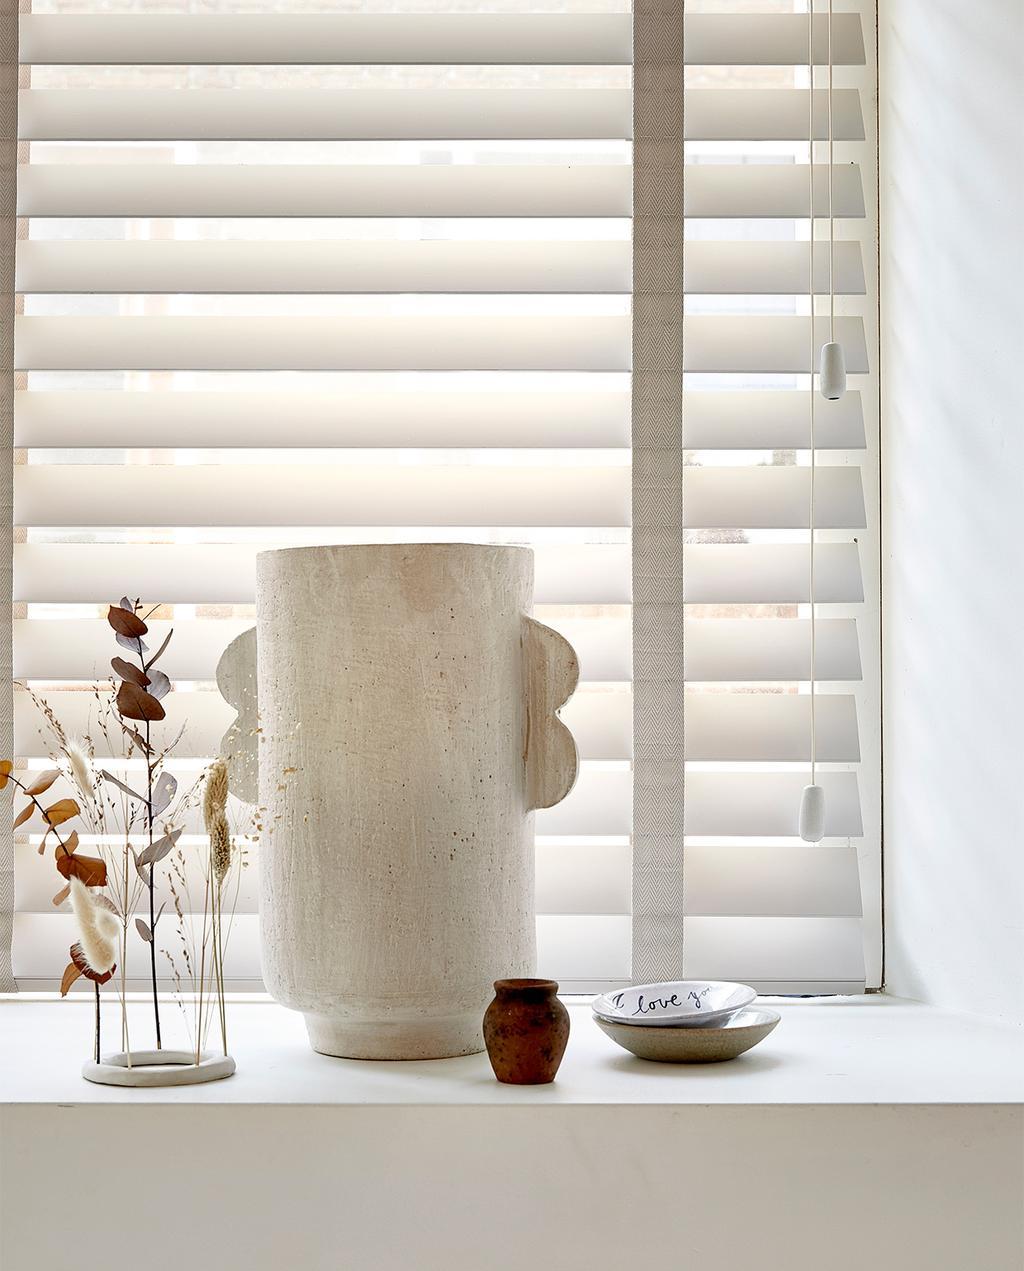 vtwonen 09-2021 | witte vaas met droogbloemen